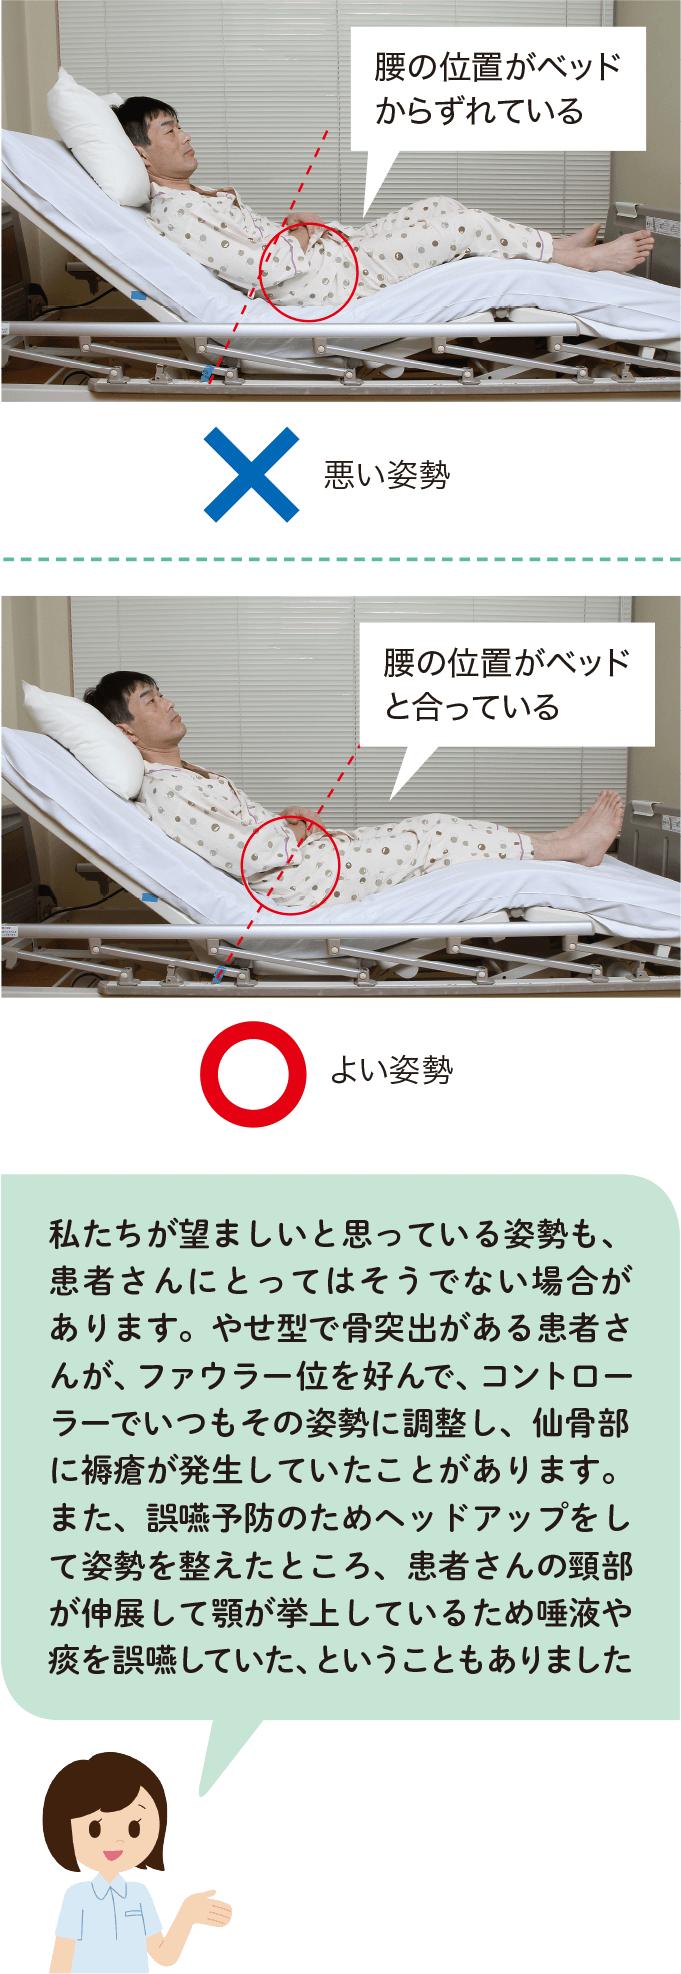 図9:悪い姿勢とよい姿勢